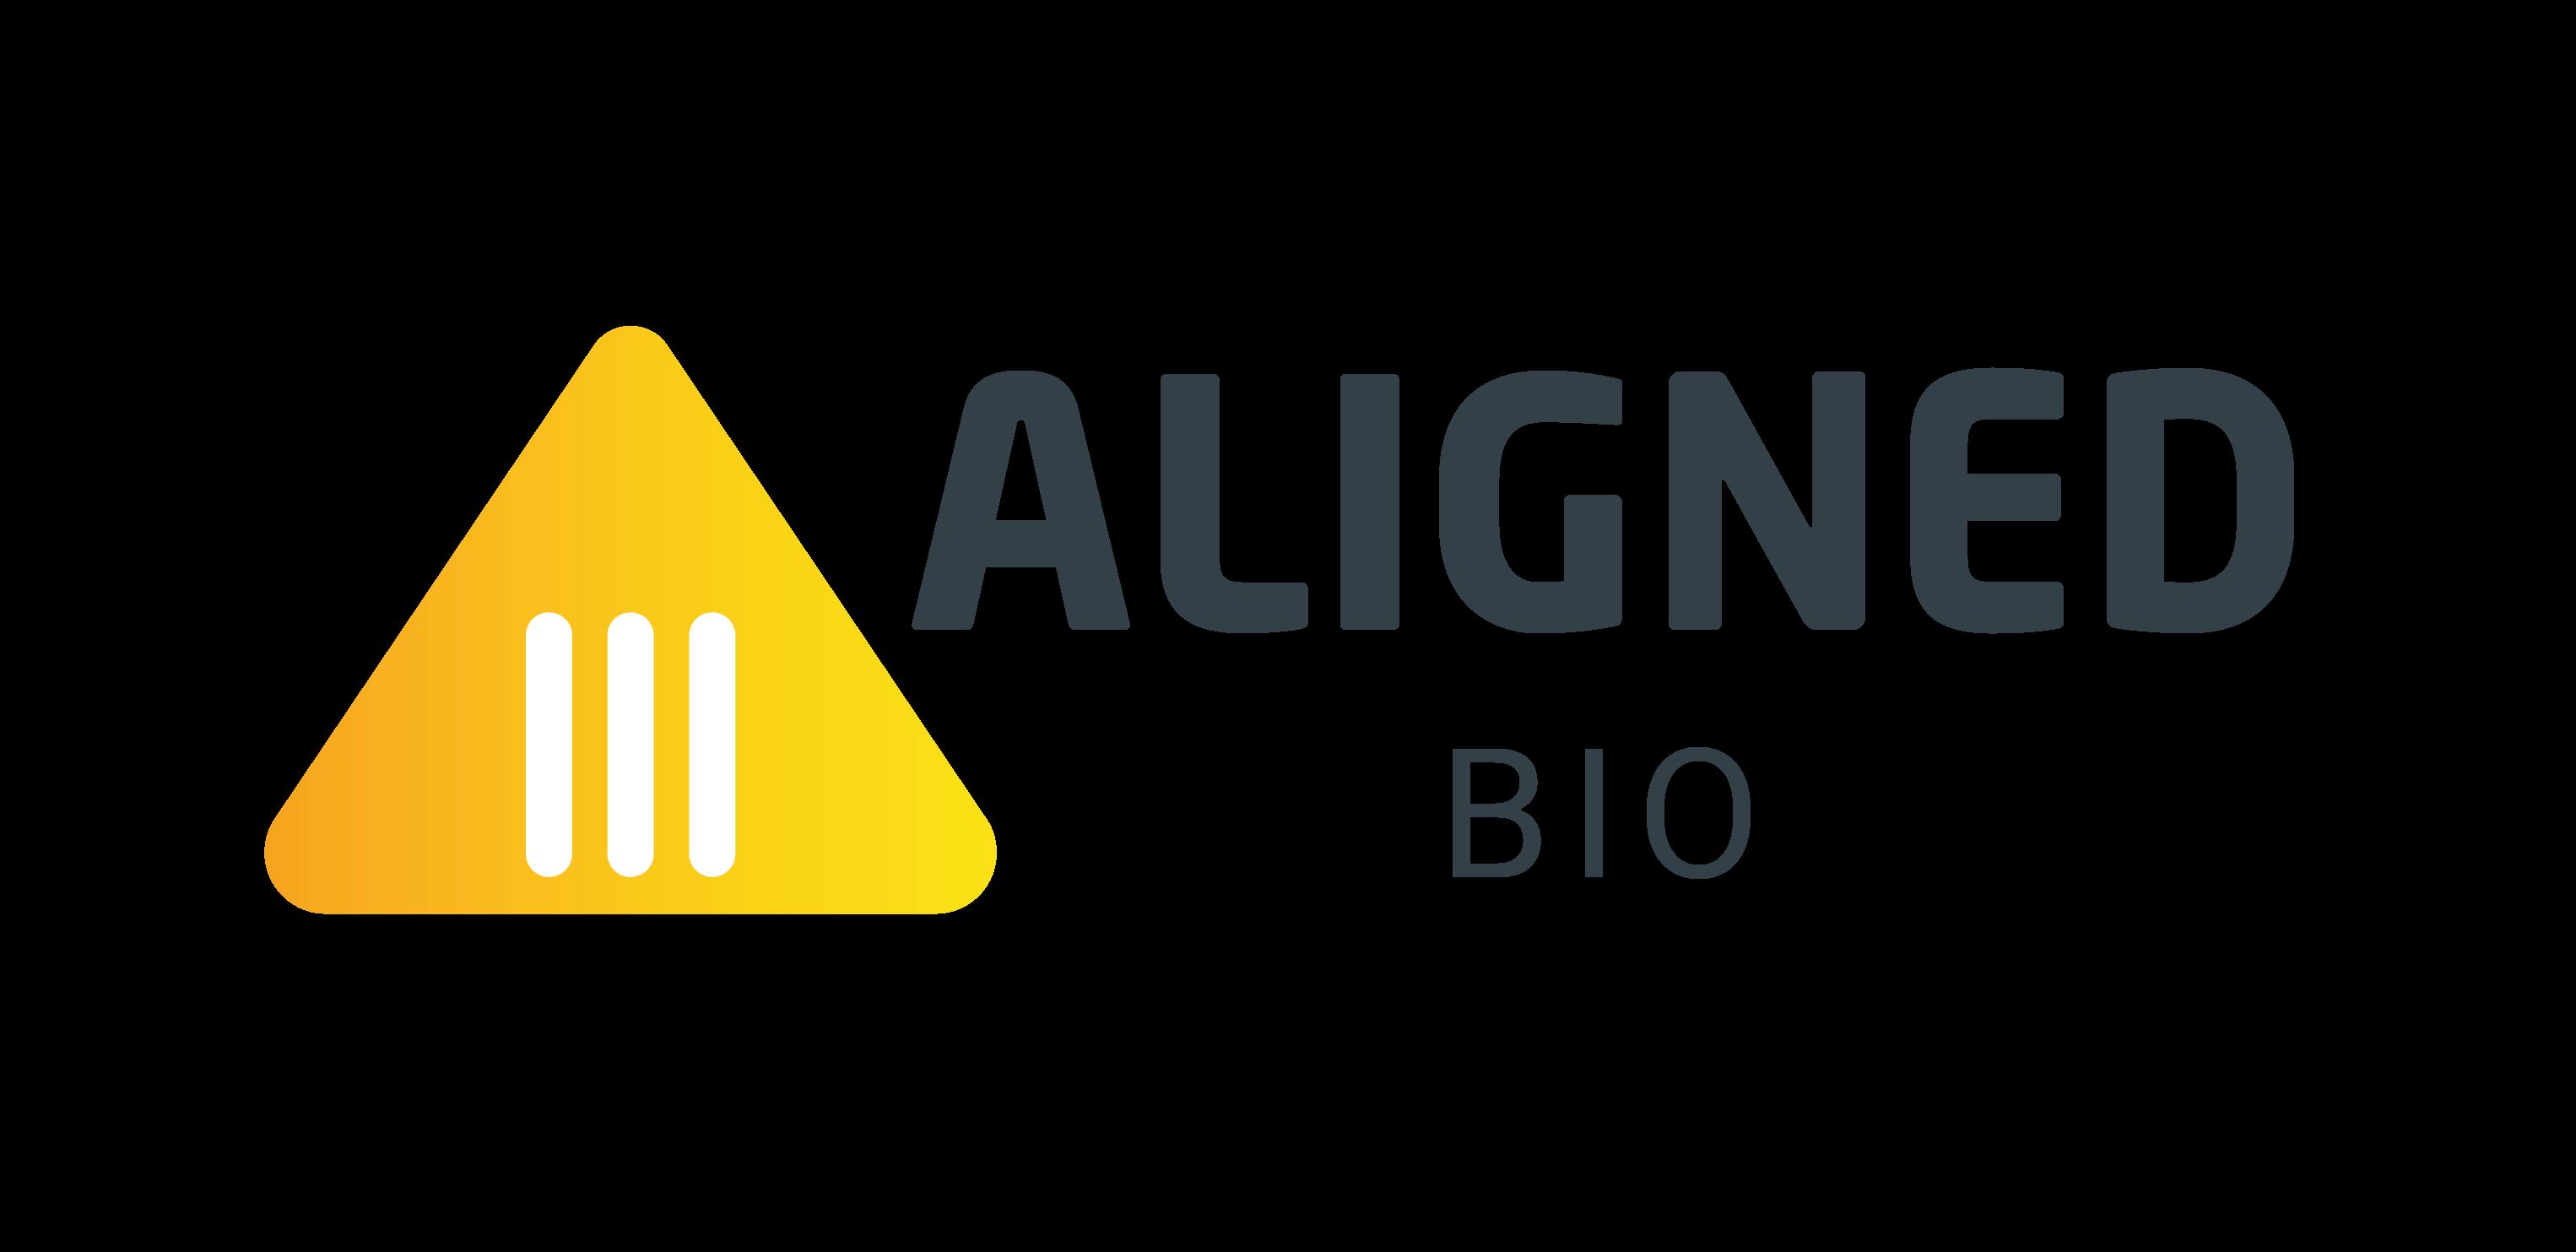 Aligned Bio